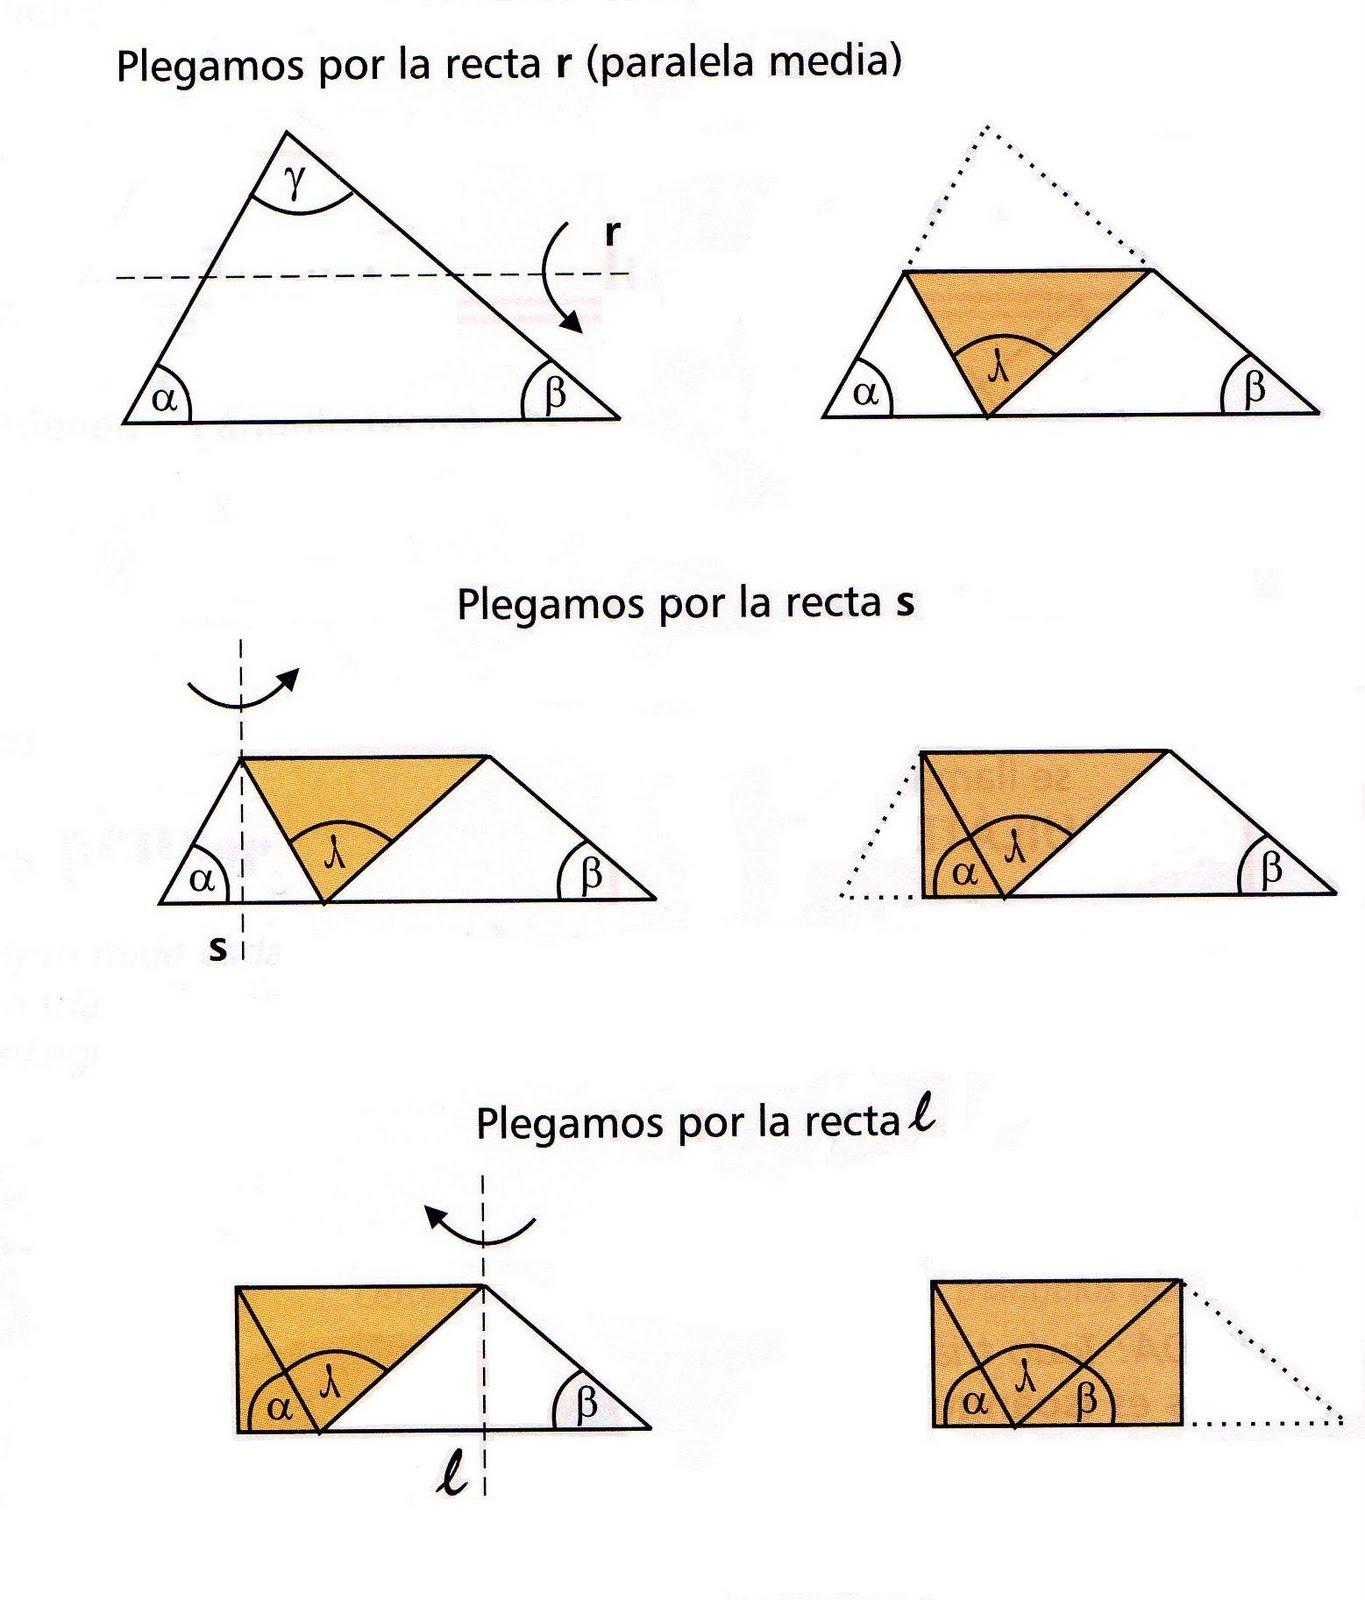 TRIÁNGULOS: Suma de ángulos interiores de un triángulo